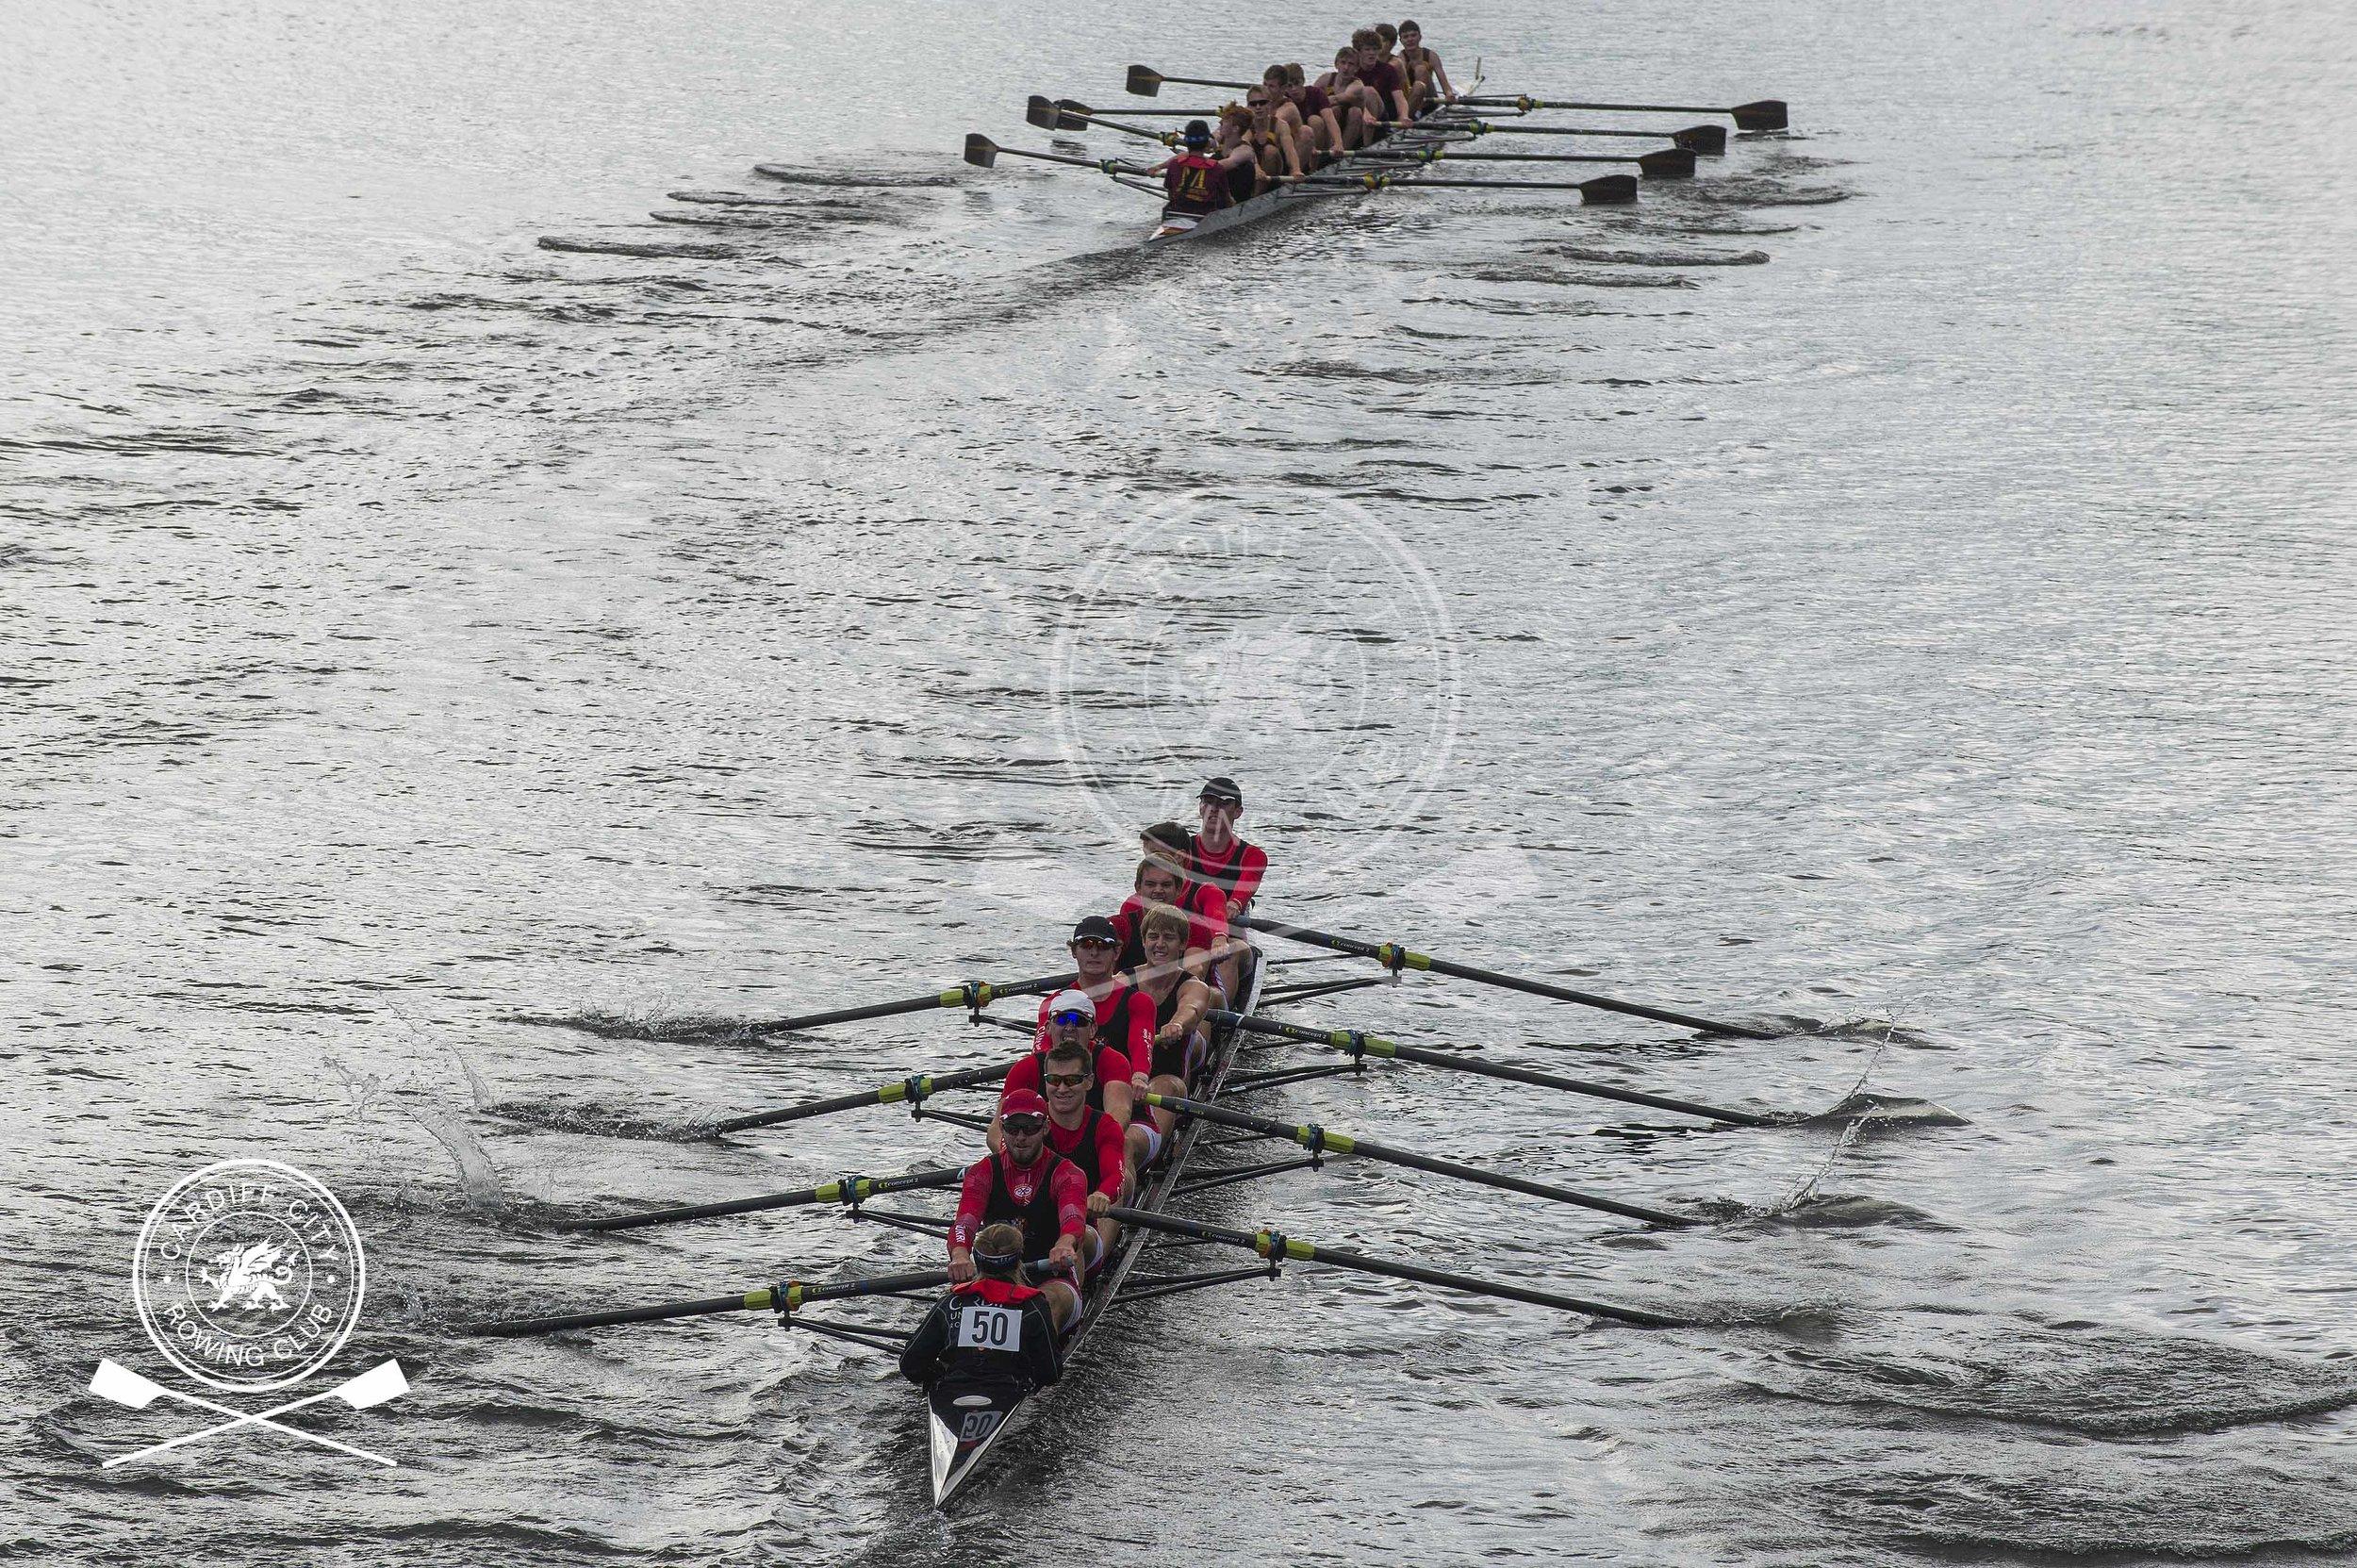 Cardiff_City_Head_Race_232.jpg